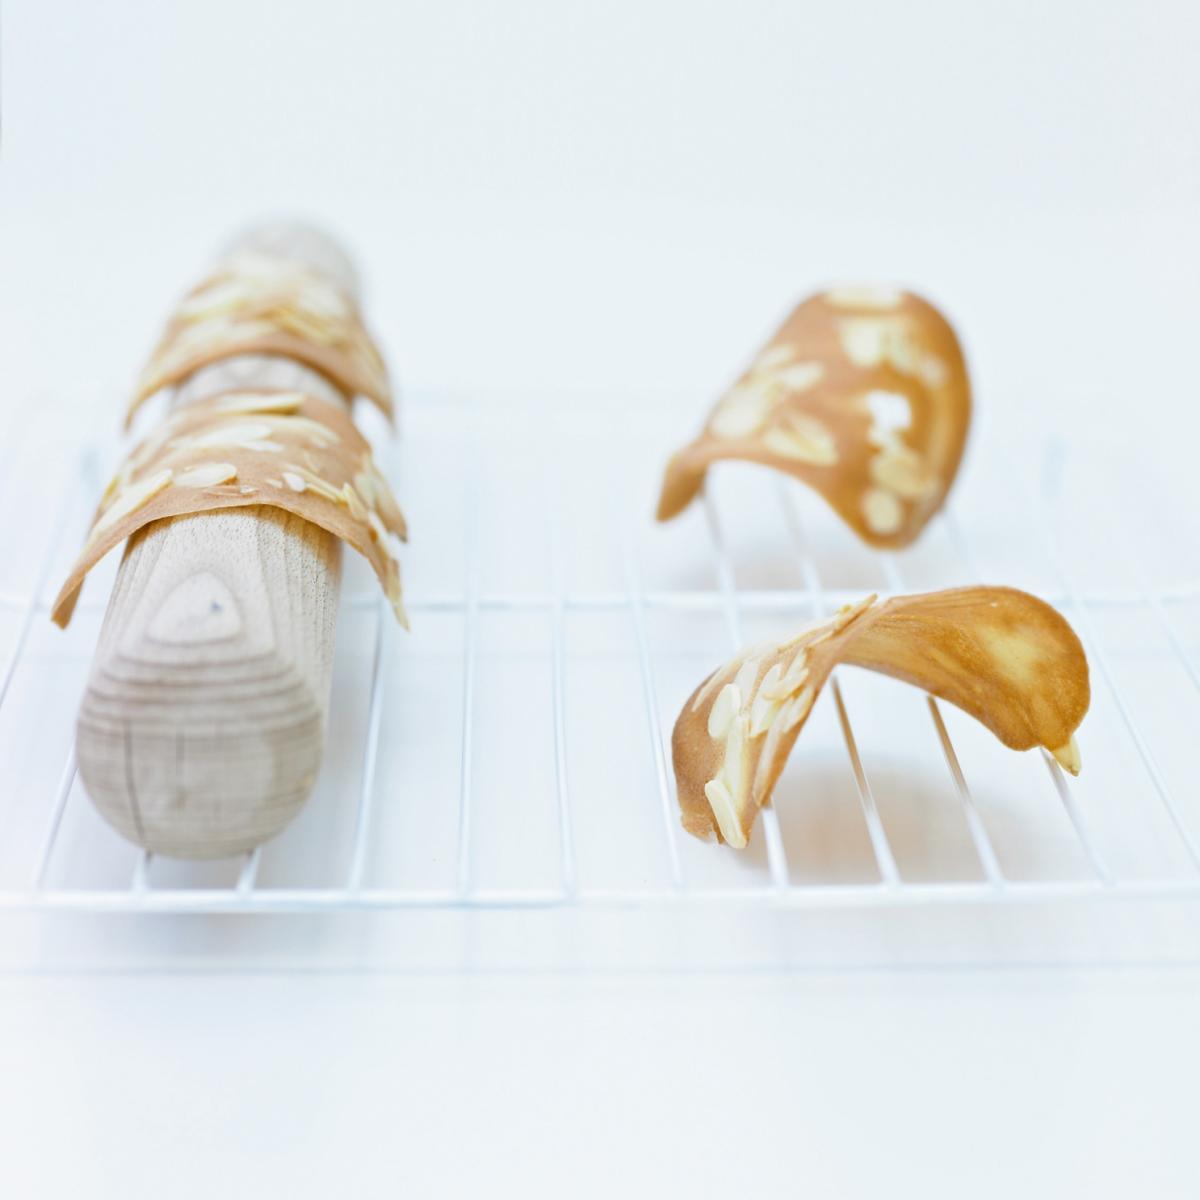 Cakes almond tuiles